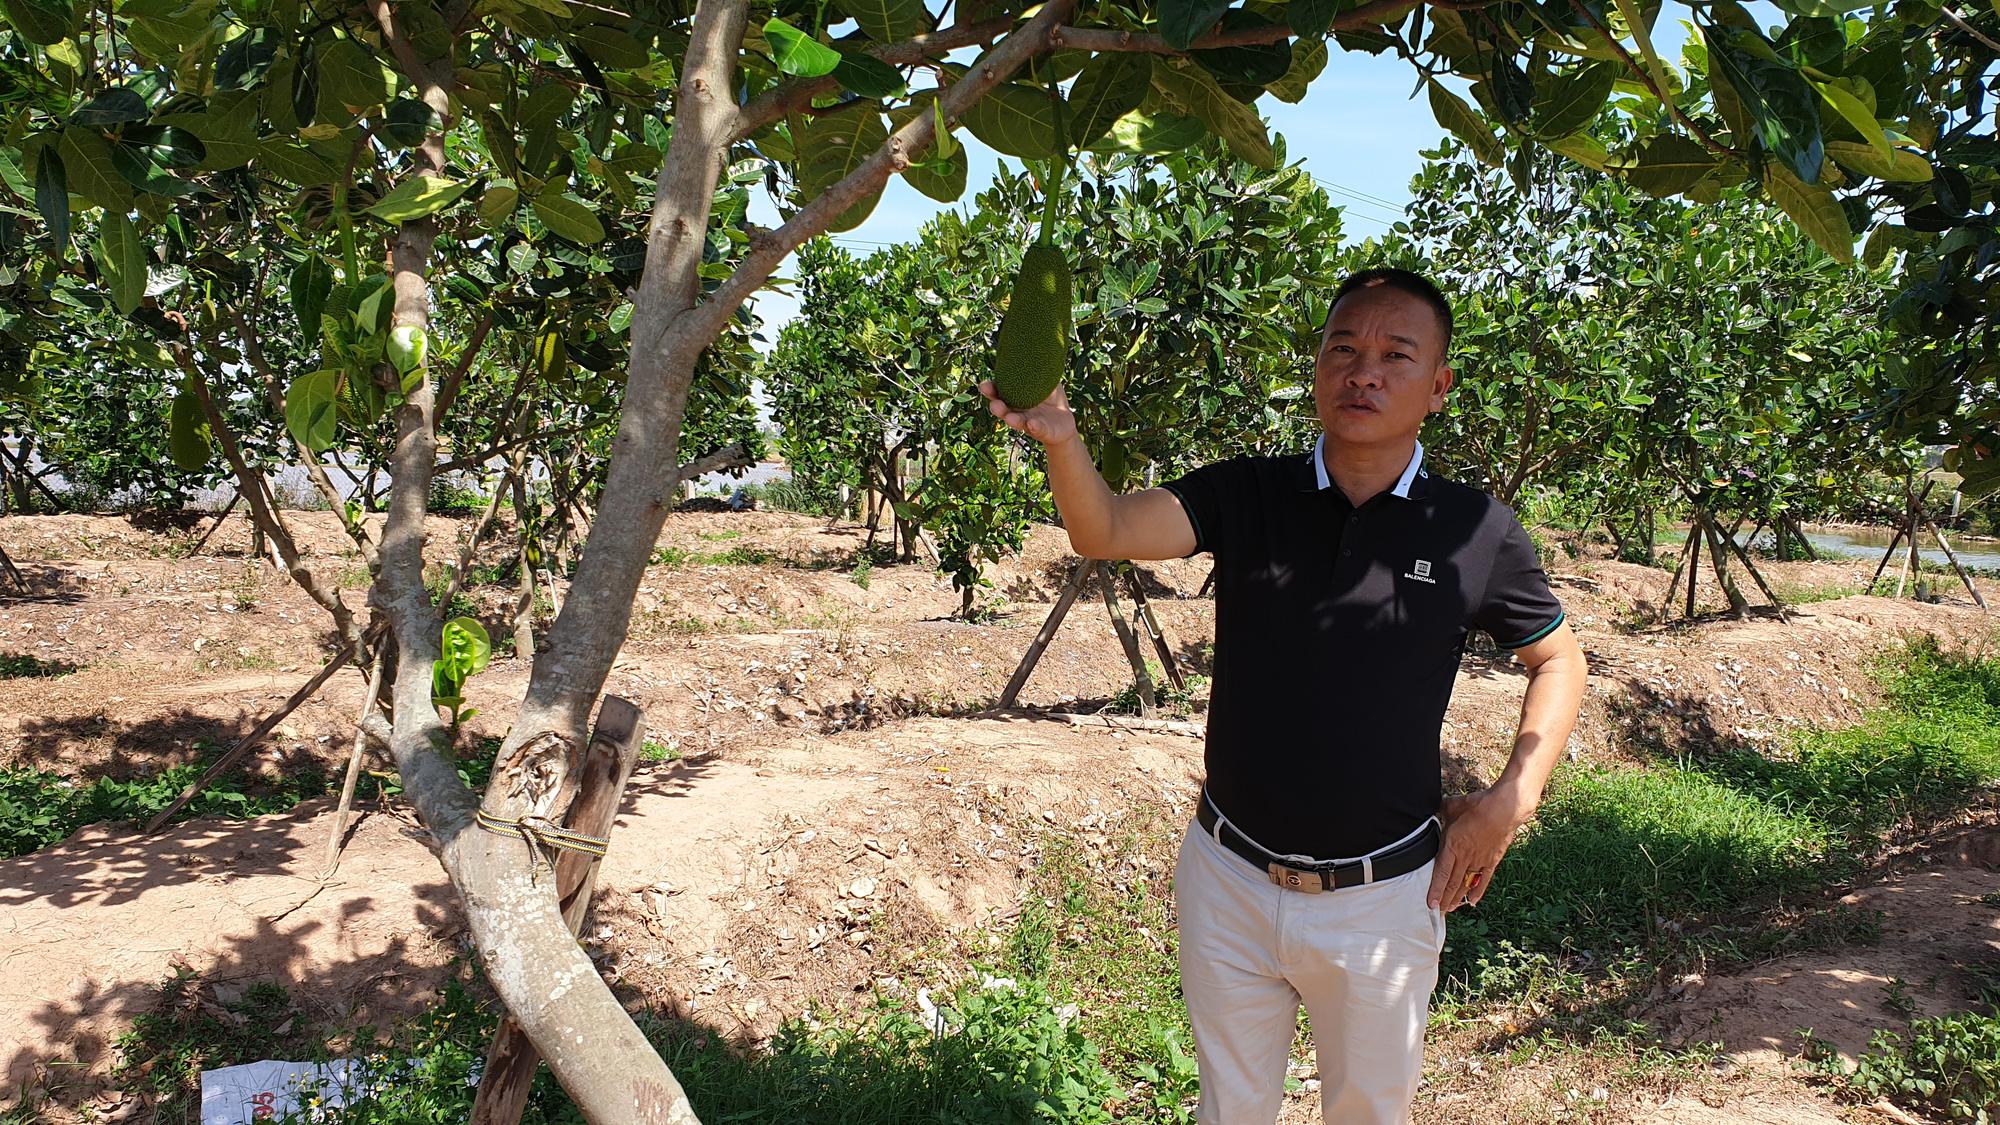 Thái Bình: Đại gia bất động sản bỏ phố về quê ....trồng cỏ, nuôi bò - Ảnh 5.